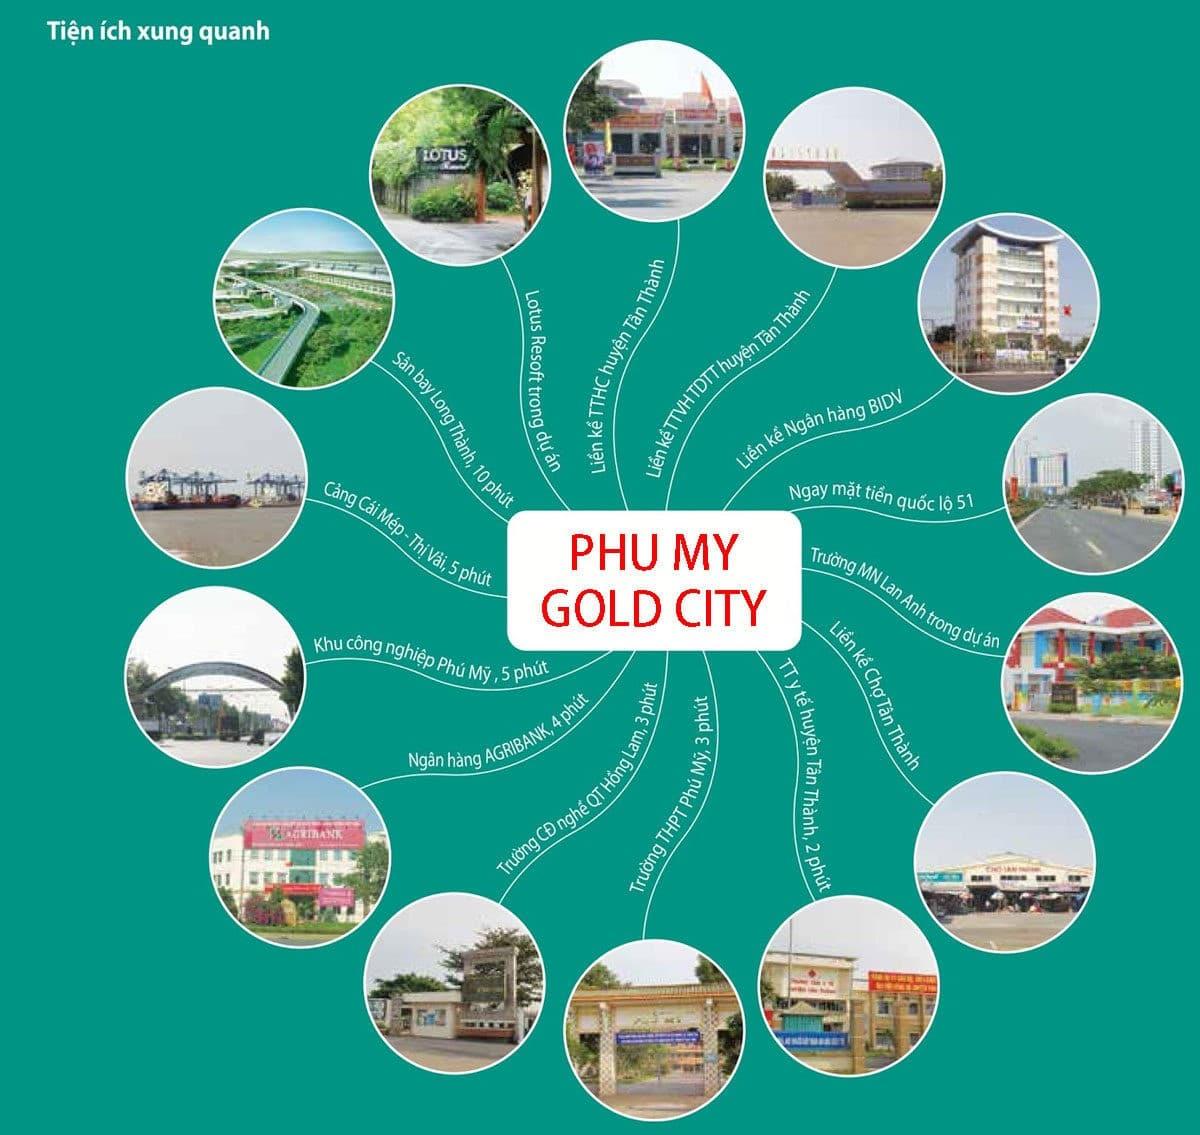 tien ich ket noi khu vuc du an phu my gold city - tien-ich-ket-noi-khu-vuc-du-an-phu-my-gold-city